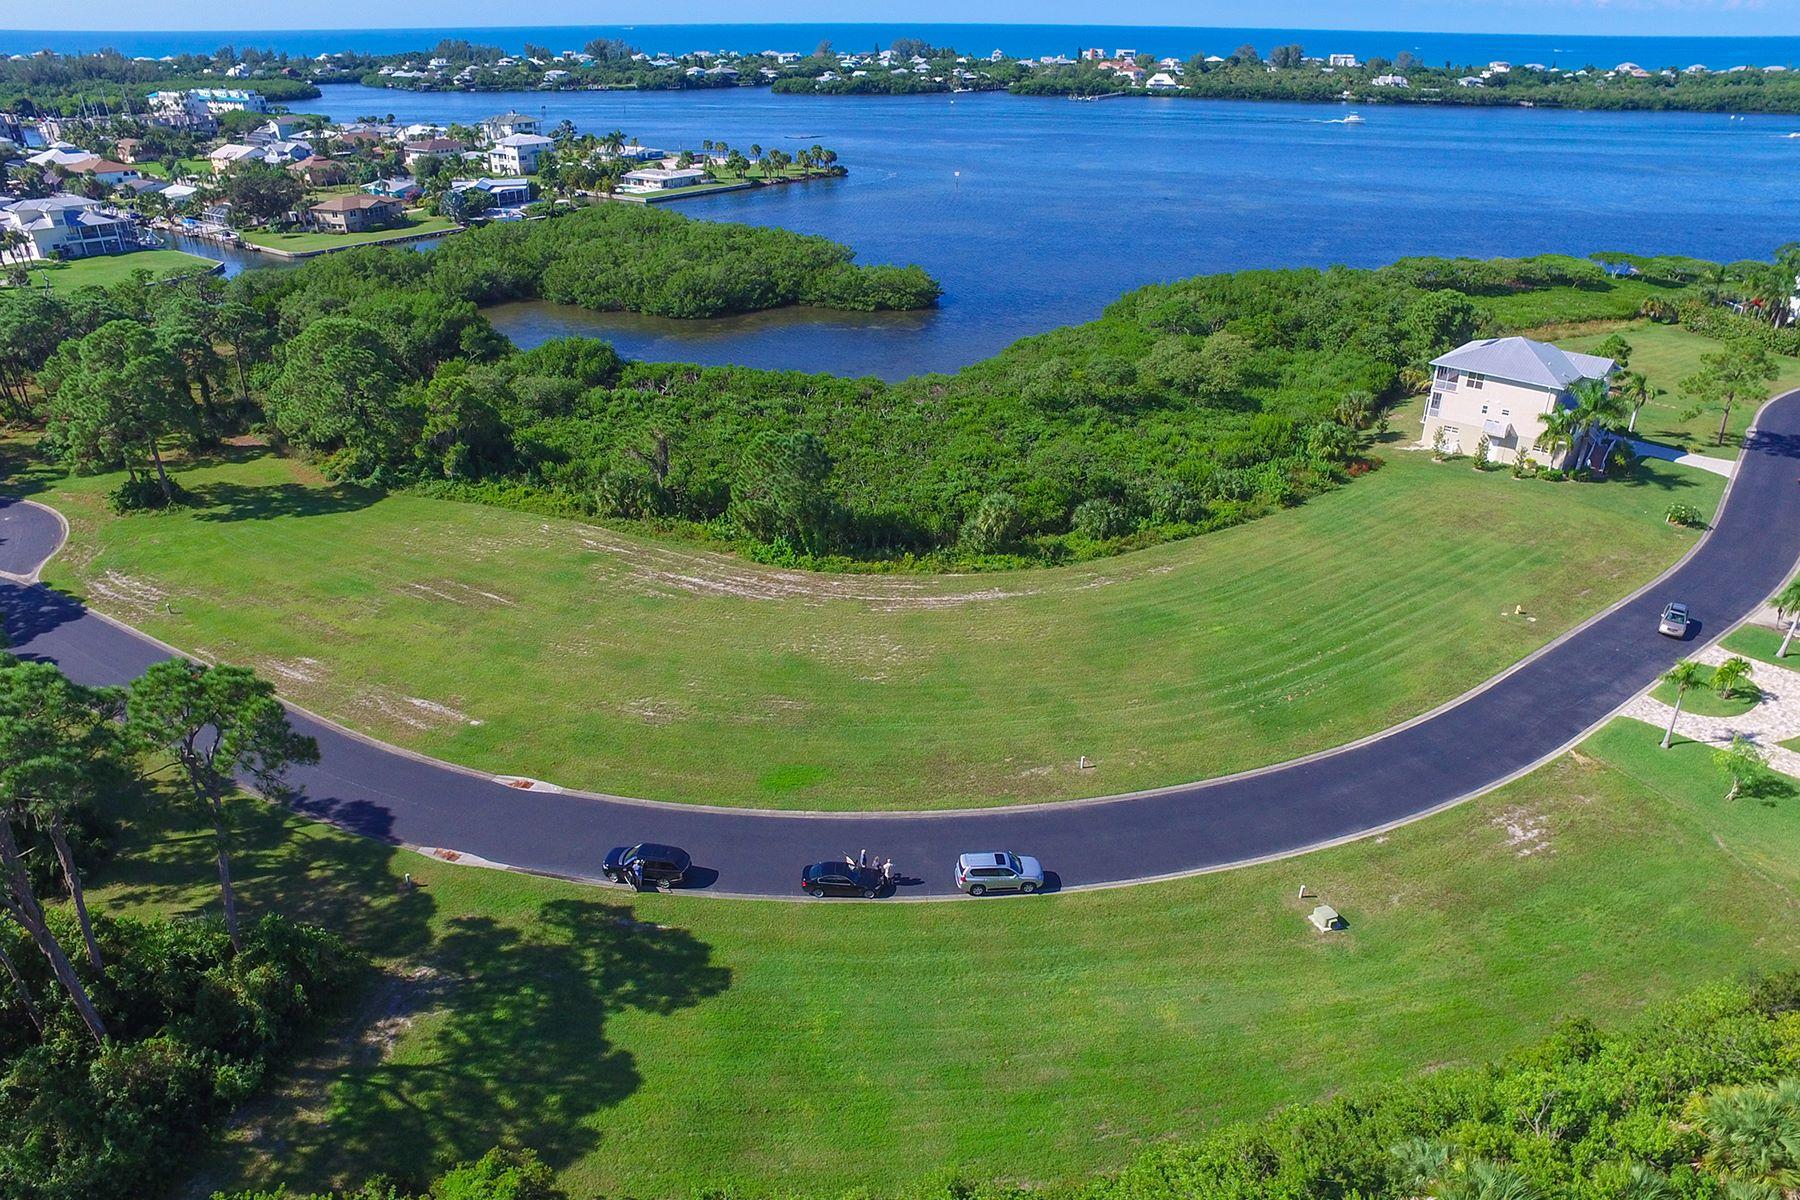 Land for Sale at EAGLE PRPESERVE 10121 Eagle Preserve Dr 24 Englewood, Florida, 34224 United States